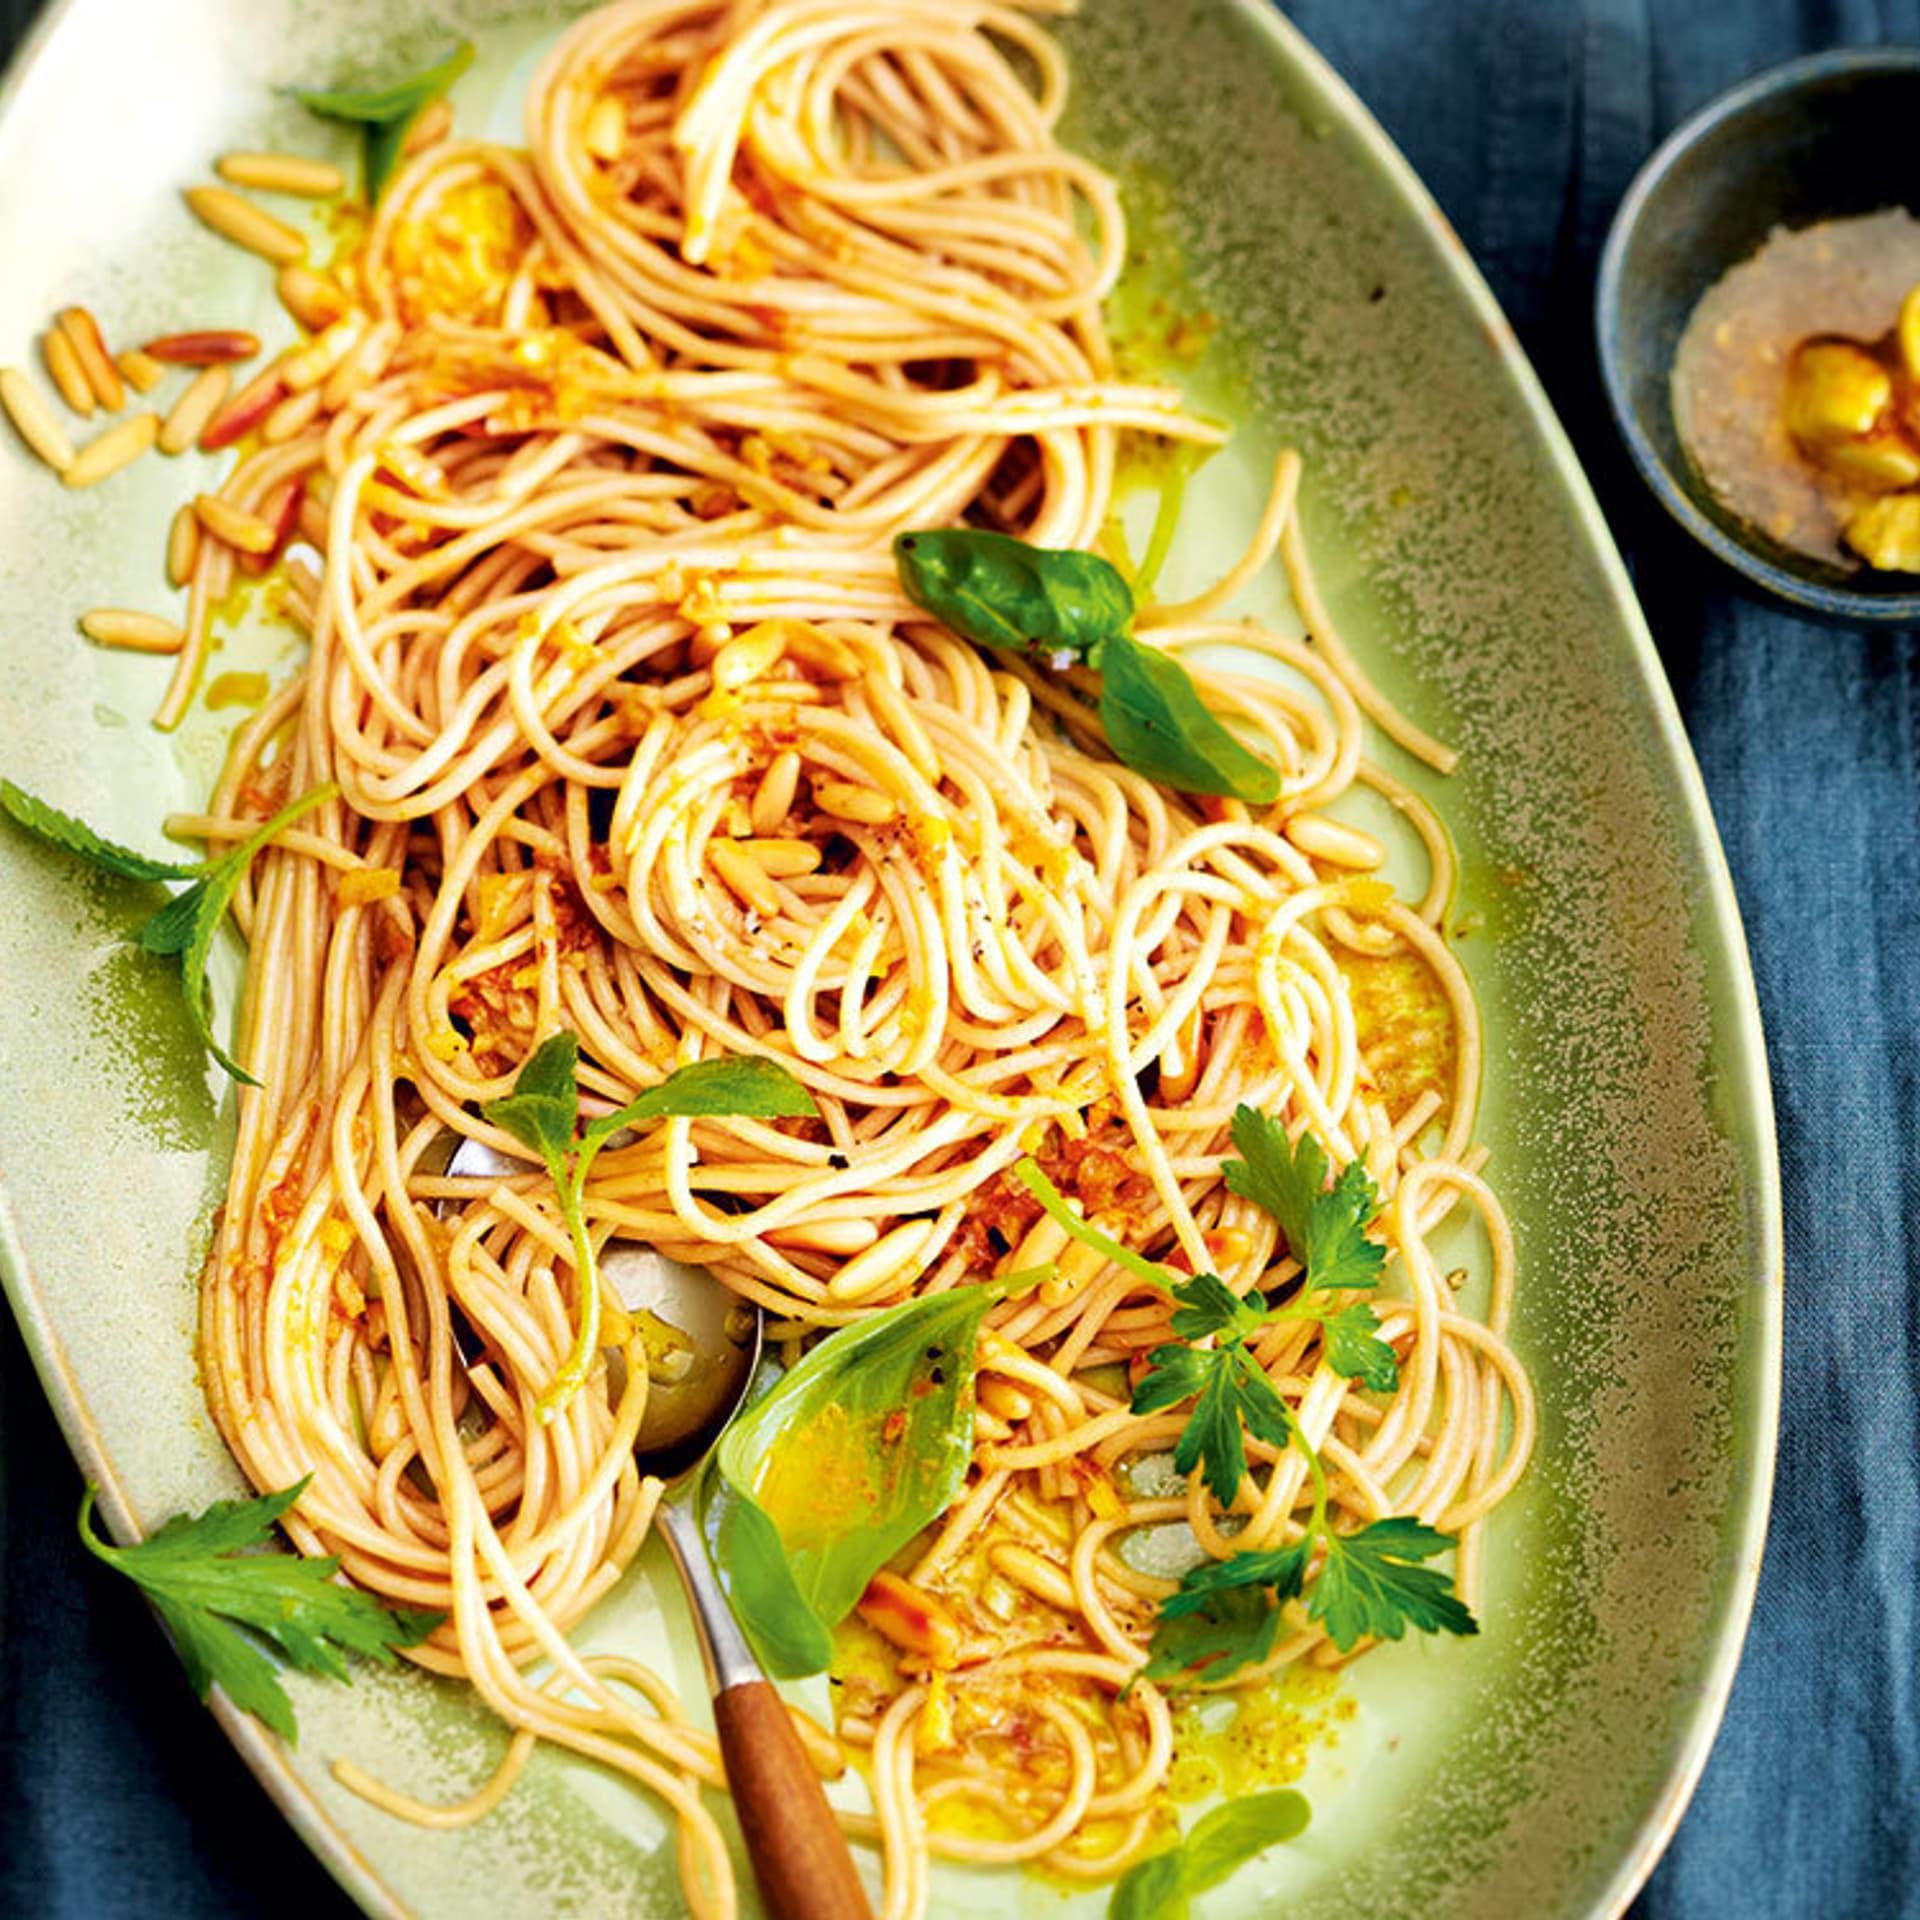 Ein ovaler Teller von oben gefüllt mit Spaghetti, Käutern und Gewürzen.